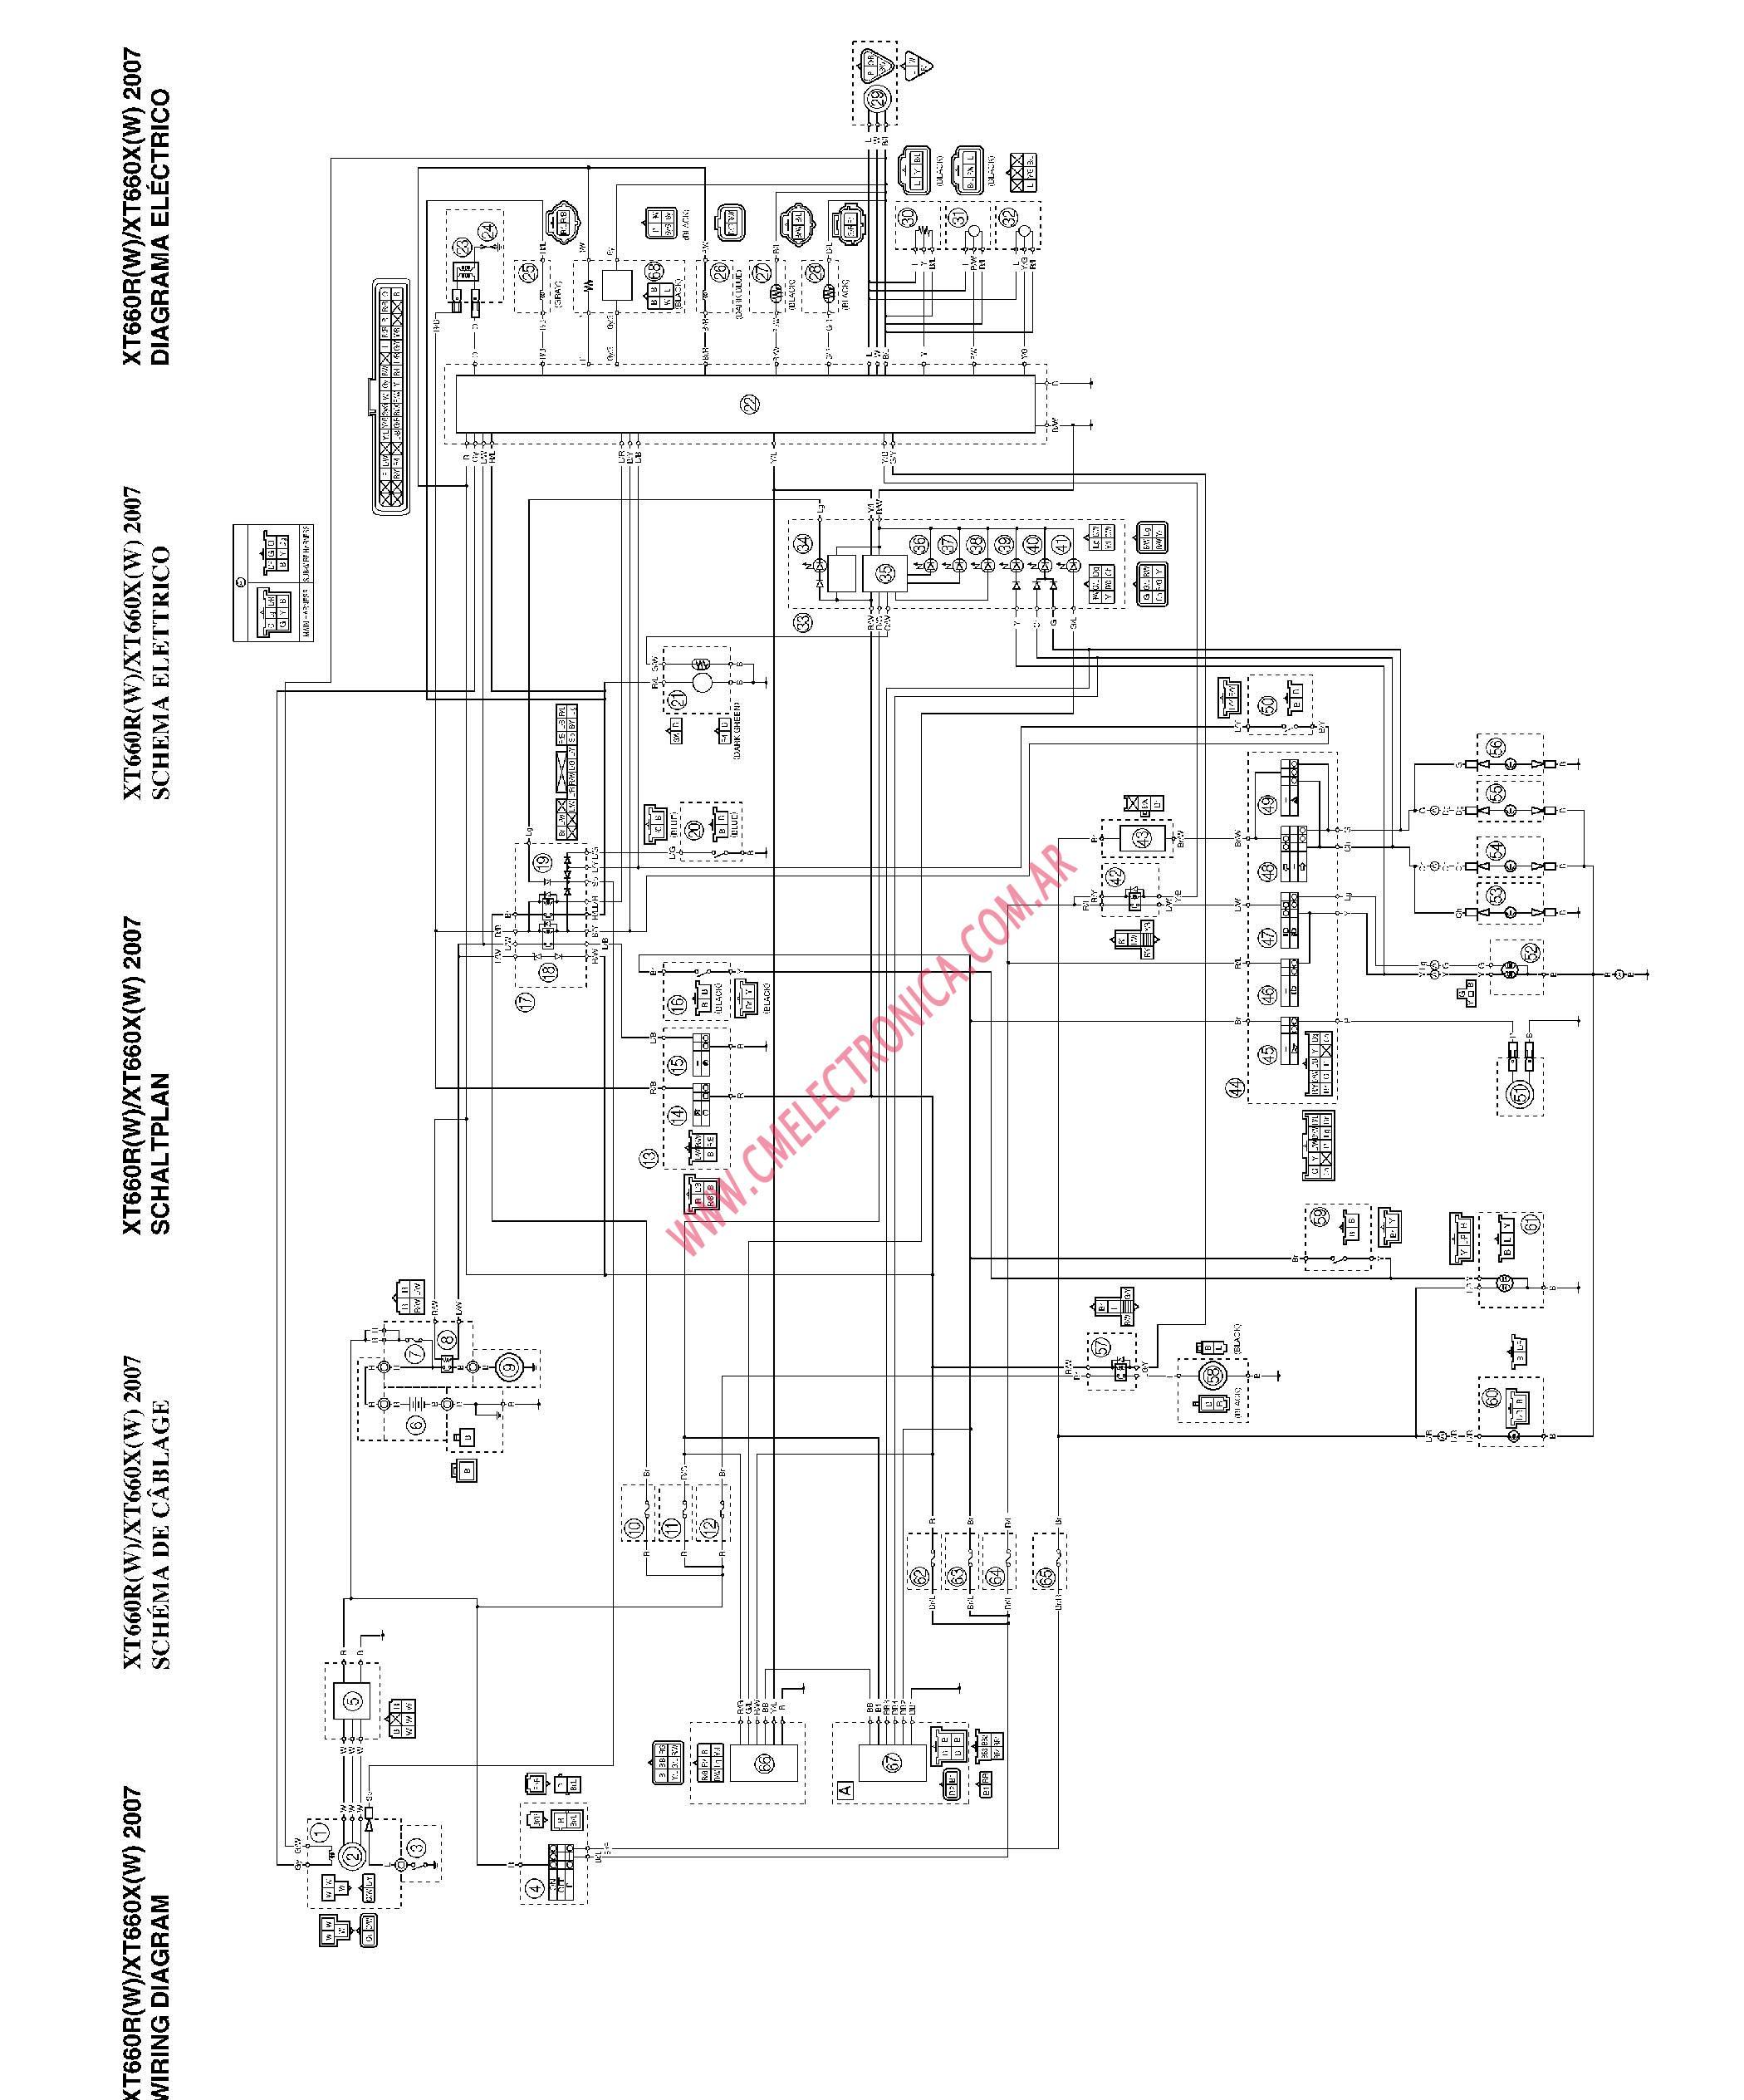 Wonderful Suzuki Lt80 Wiring Diagram John Deere Backhoe 310sg Engine Schematic Breathtaking Quadrunner 0 Gallery Best Yamaha Xt660r X Diagramasp